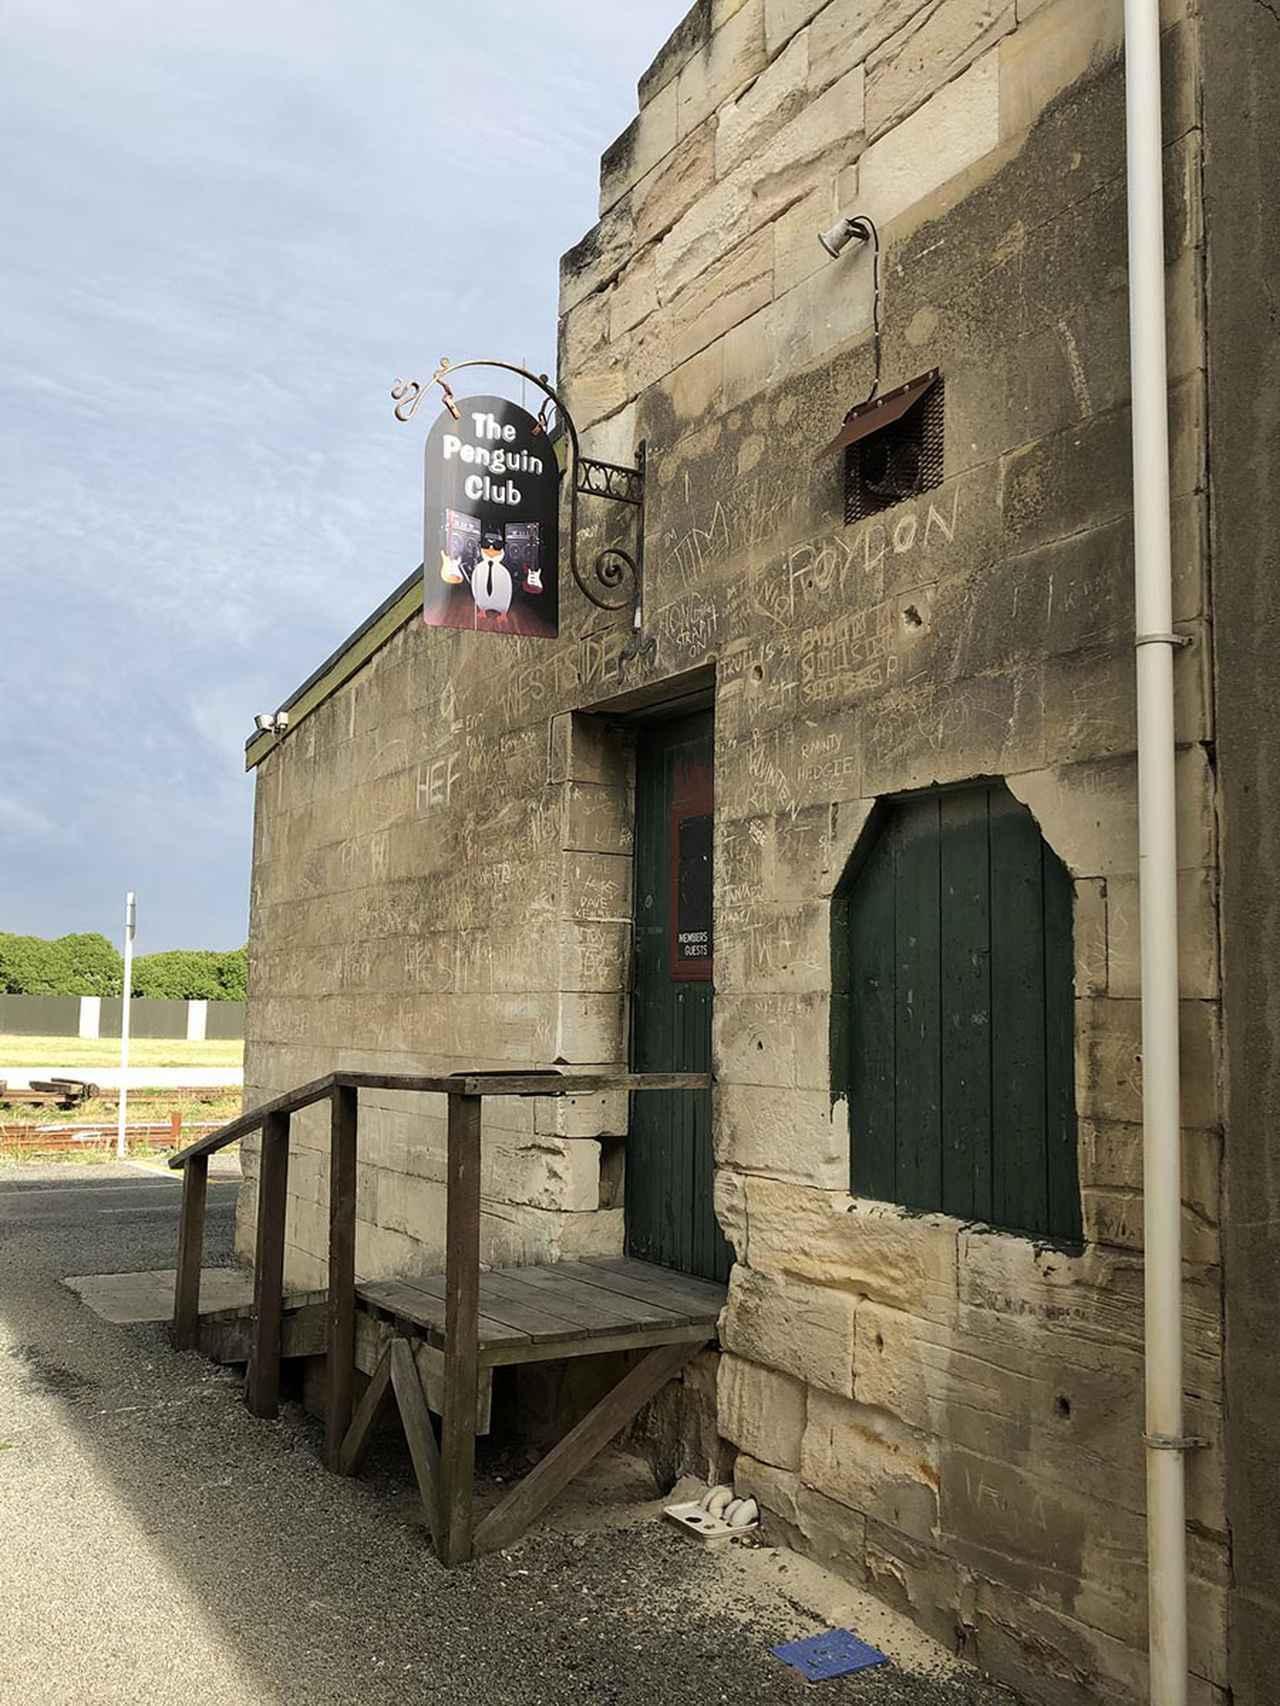 画像: 「ザ・ペンギン・クラブ」という、へんてこなライブハウスがあった。が、扉は固く閉まっていた。裏口で「合い言葉」を言えば入れてもらえる、あやしいお店だったのかもな。